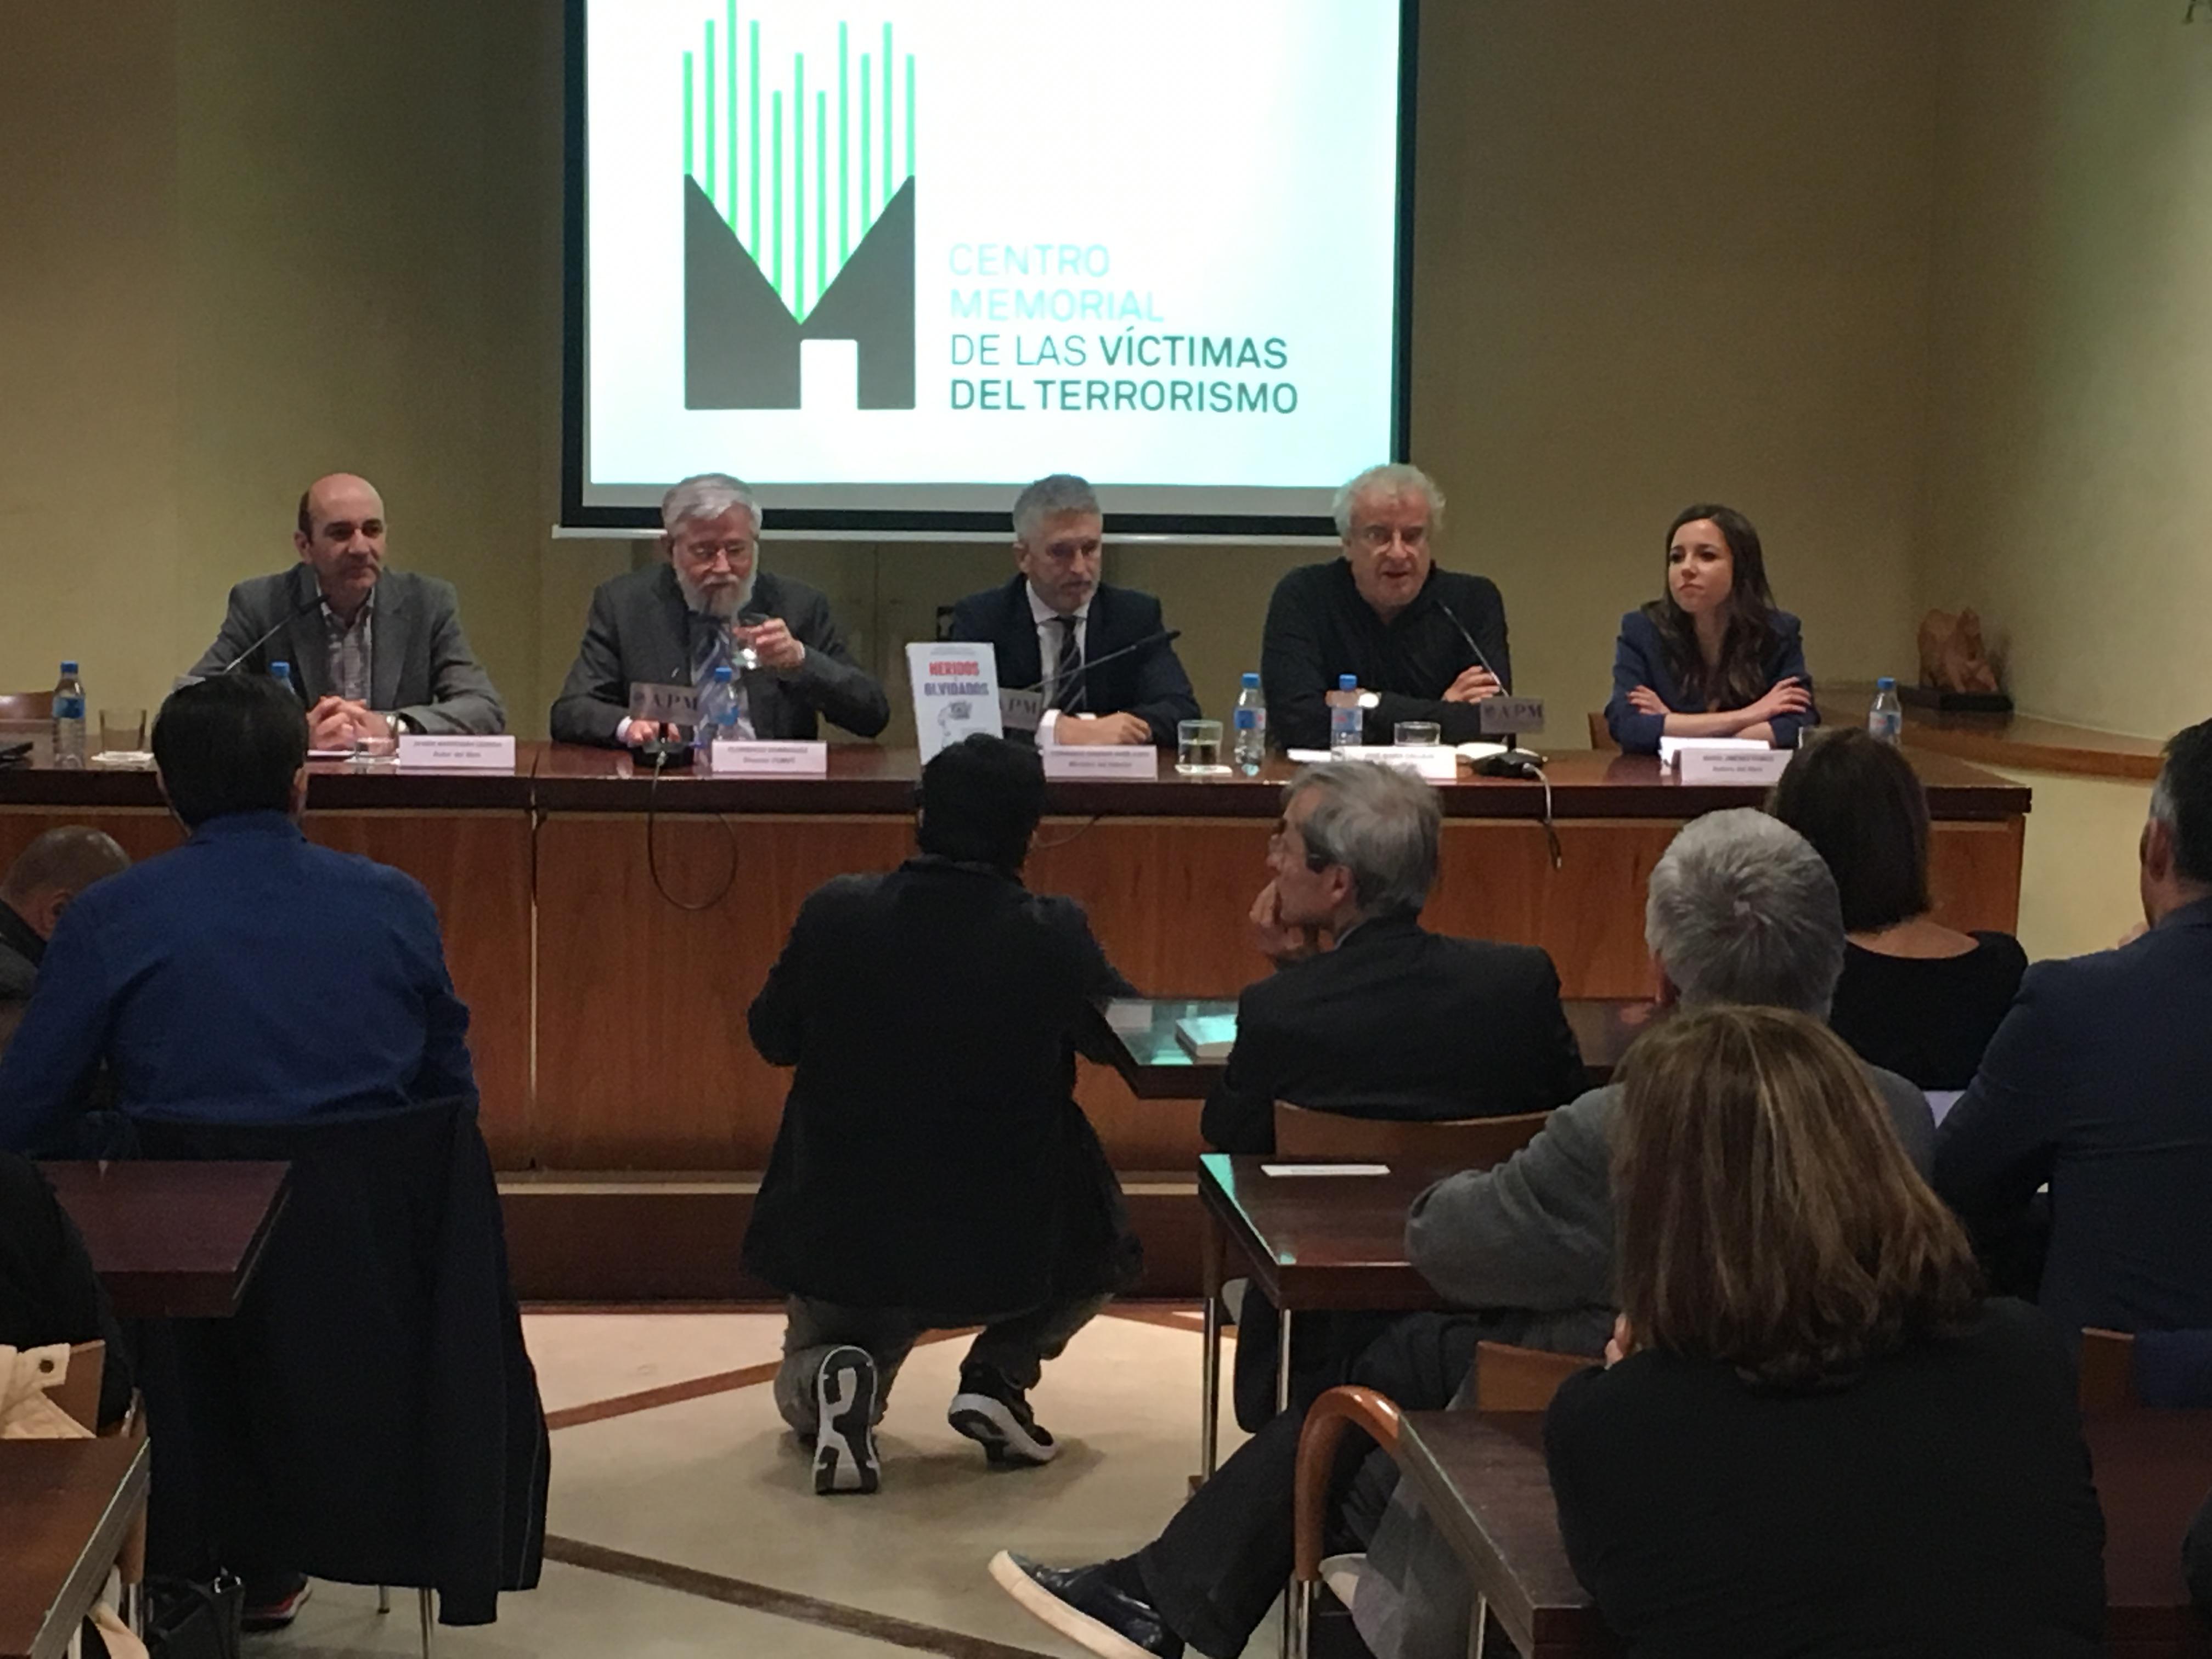 Presentación En Madrid Del Primer Libro Sobre Los Heridos En Atentados Terroristas